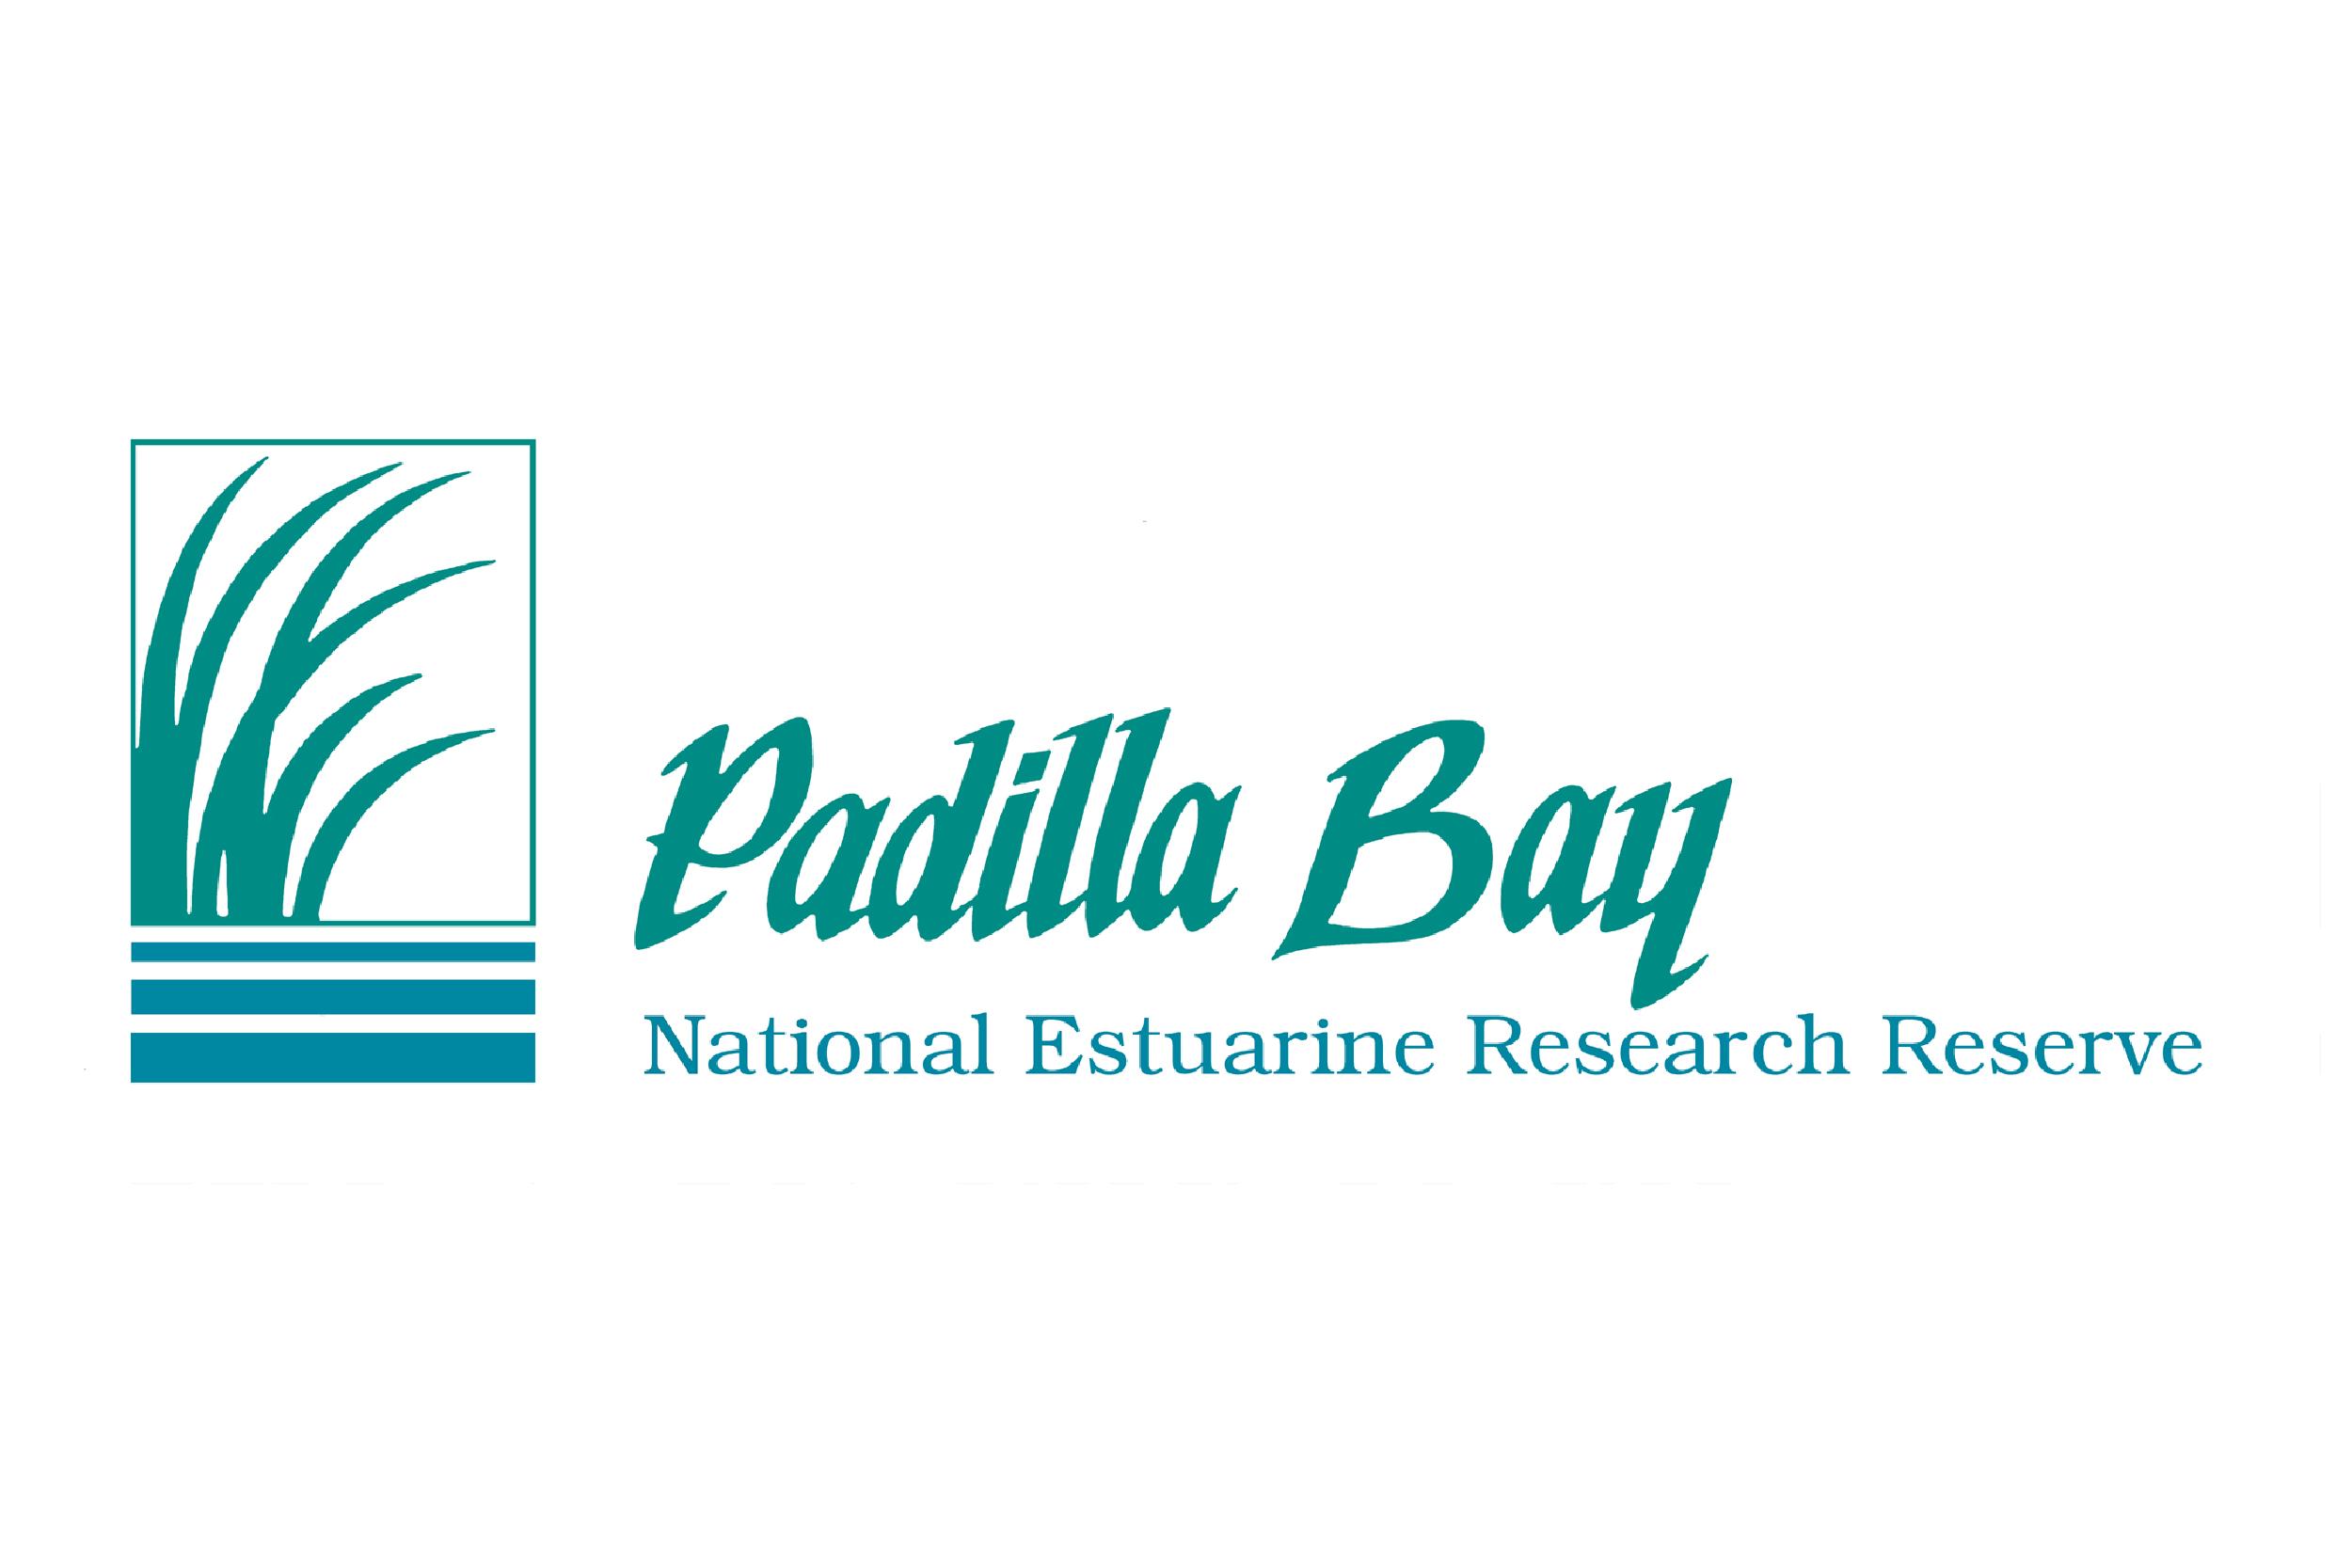 Padilla Bay National Estuarine Research Reserve